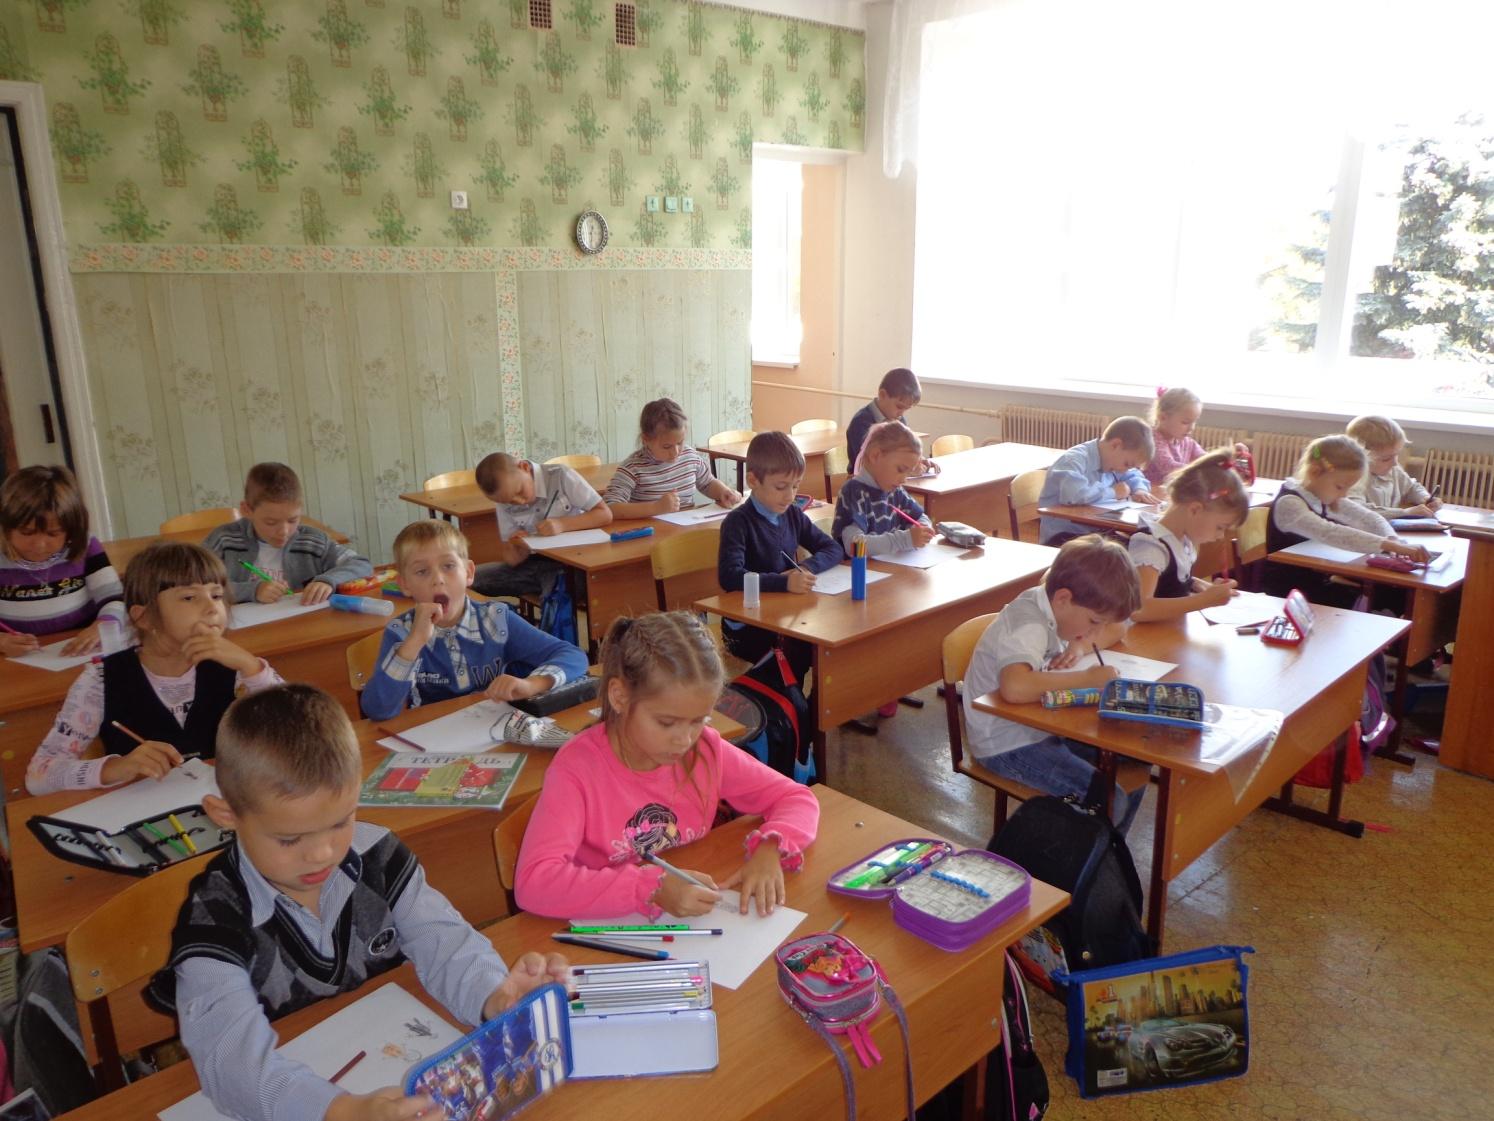 C:\Users\NecroS\Мама\по внеурочке Коротченко\занятия 1-2кл\фото с занятия Моя семья\DSC00059.JPG